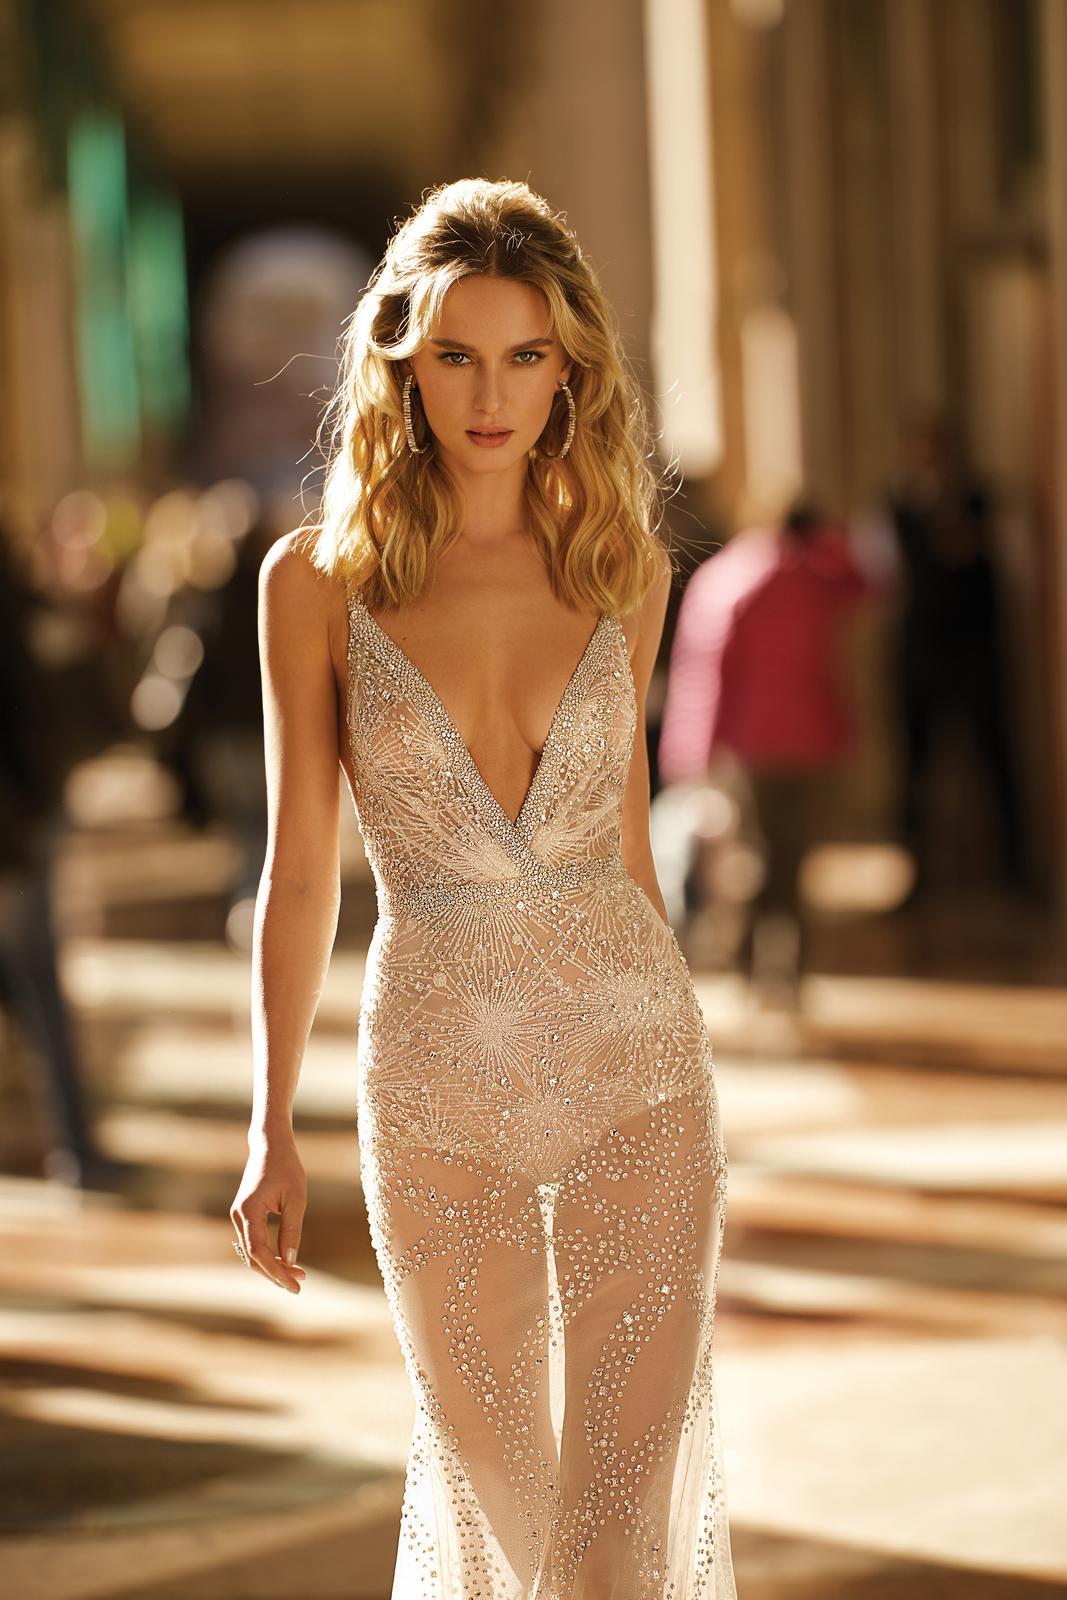 Svadobné šaty jar/leto 2020 BERTA Miláno - Obrázok č. 25